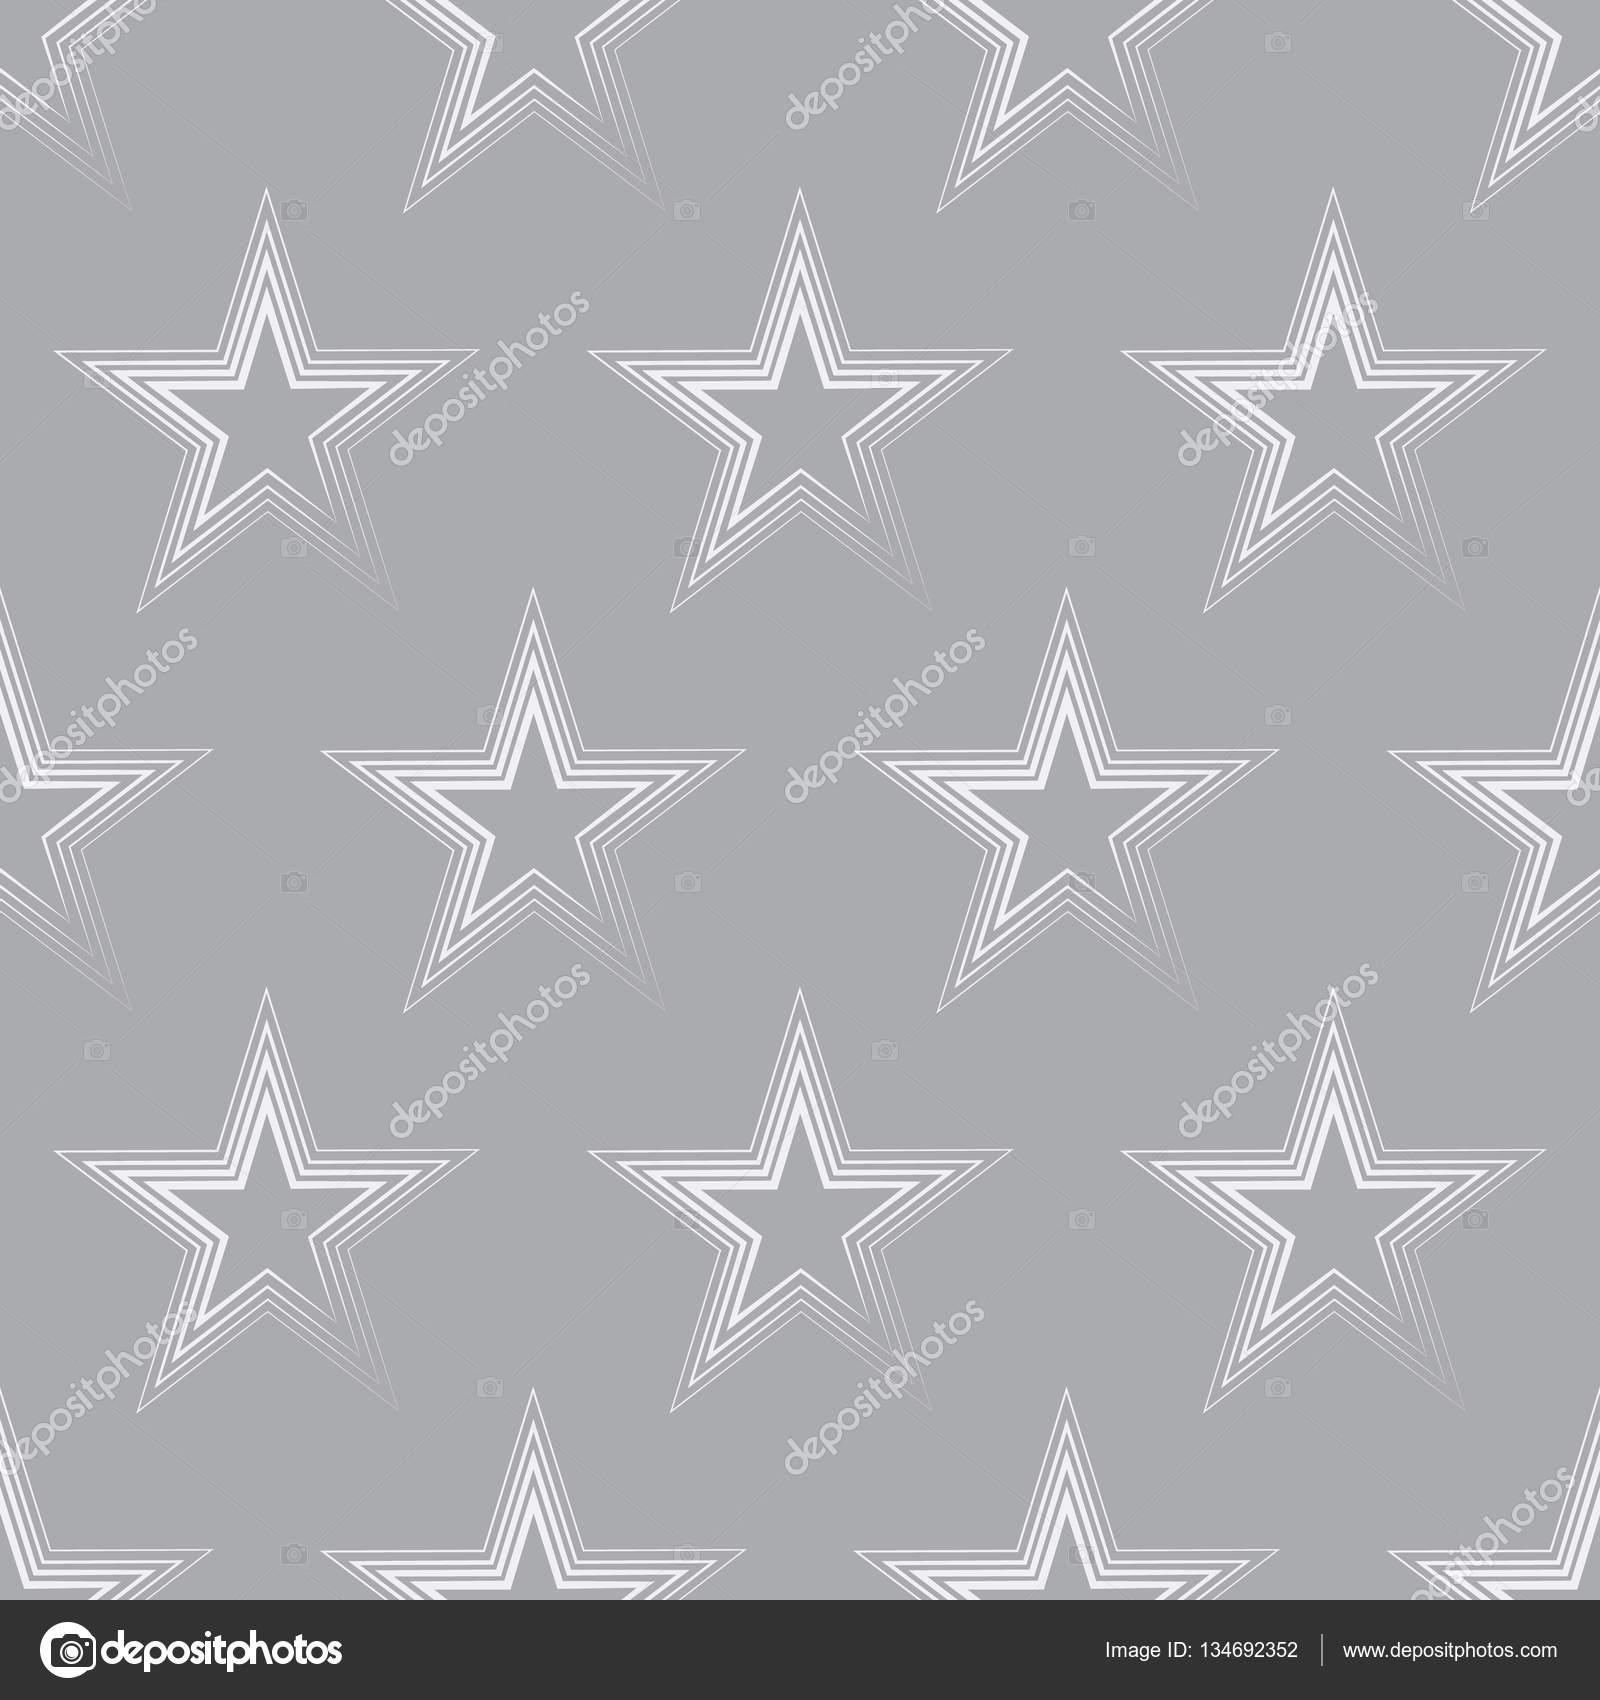 muster fr tapeten und textil oder drucken stockvektor - Tapeten Mit Muster